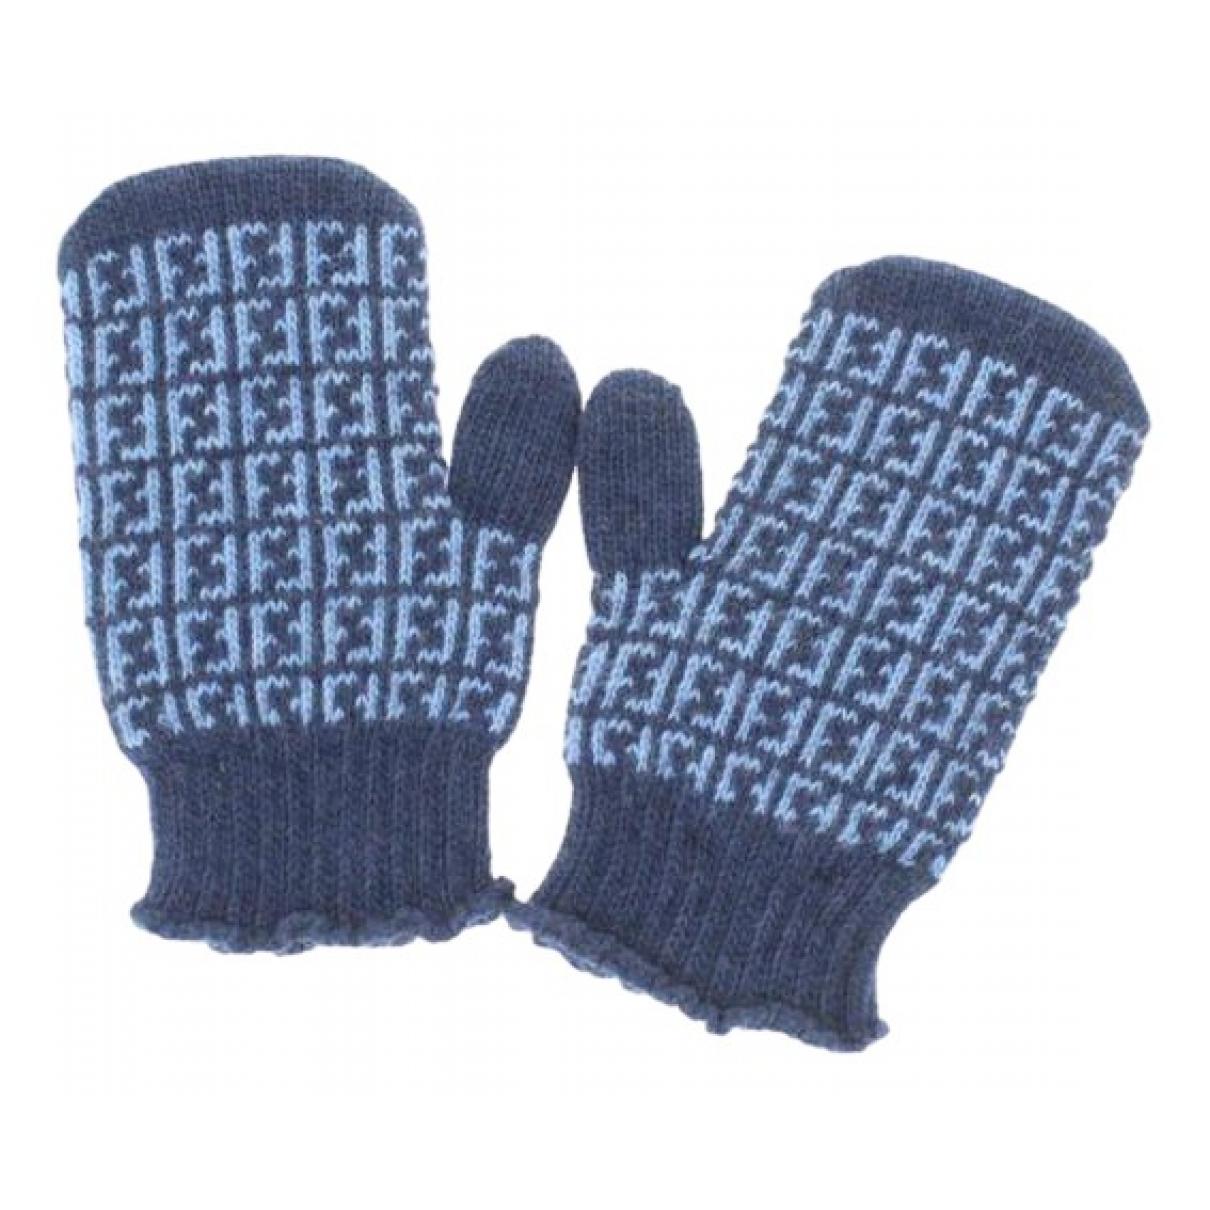 Fendi \N Hut, Muetzen, Handschuhe in  Blau Wolle